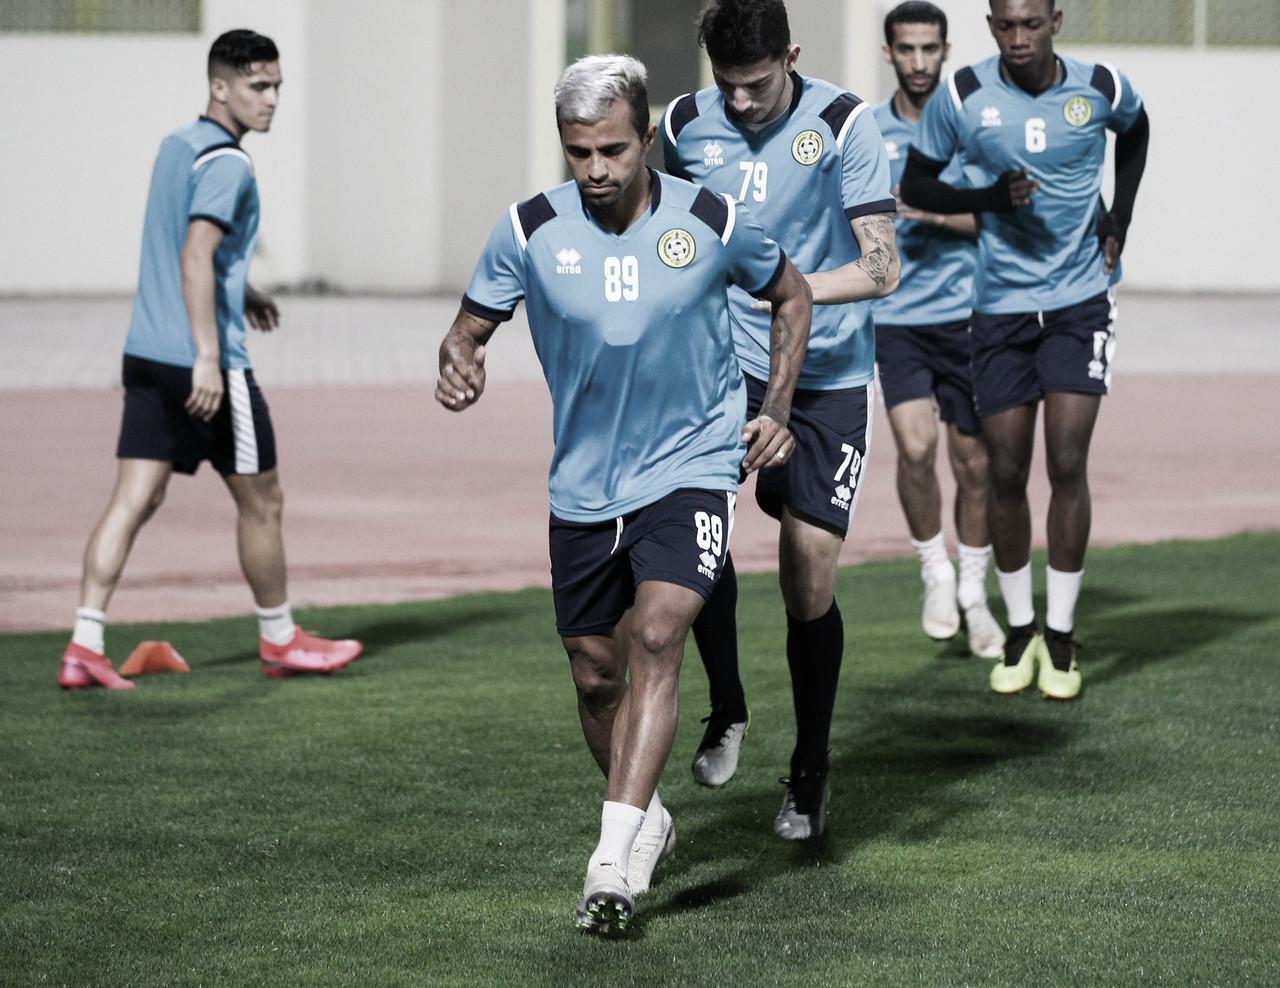 Wanderson comemora vitórias no Ittihad Kalba e comenta desenvolvimento do futebol árabe